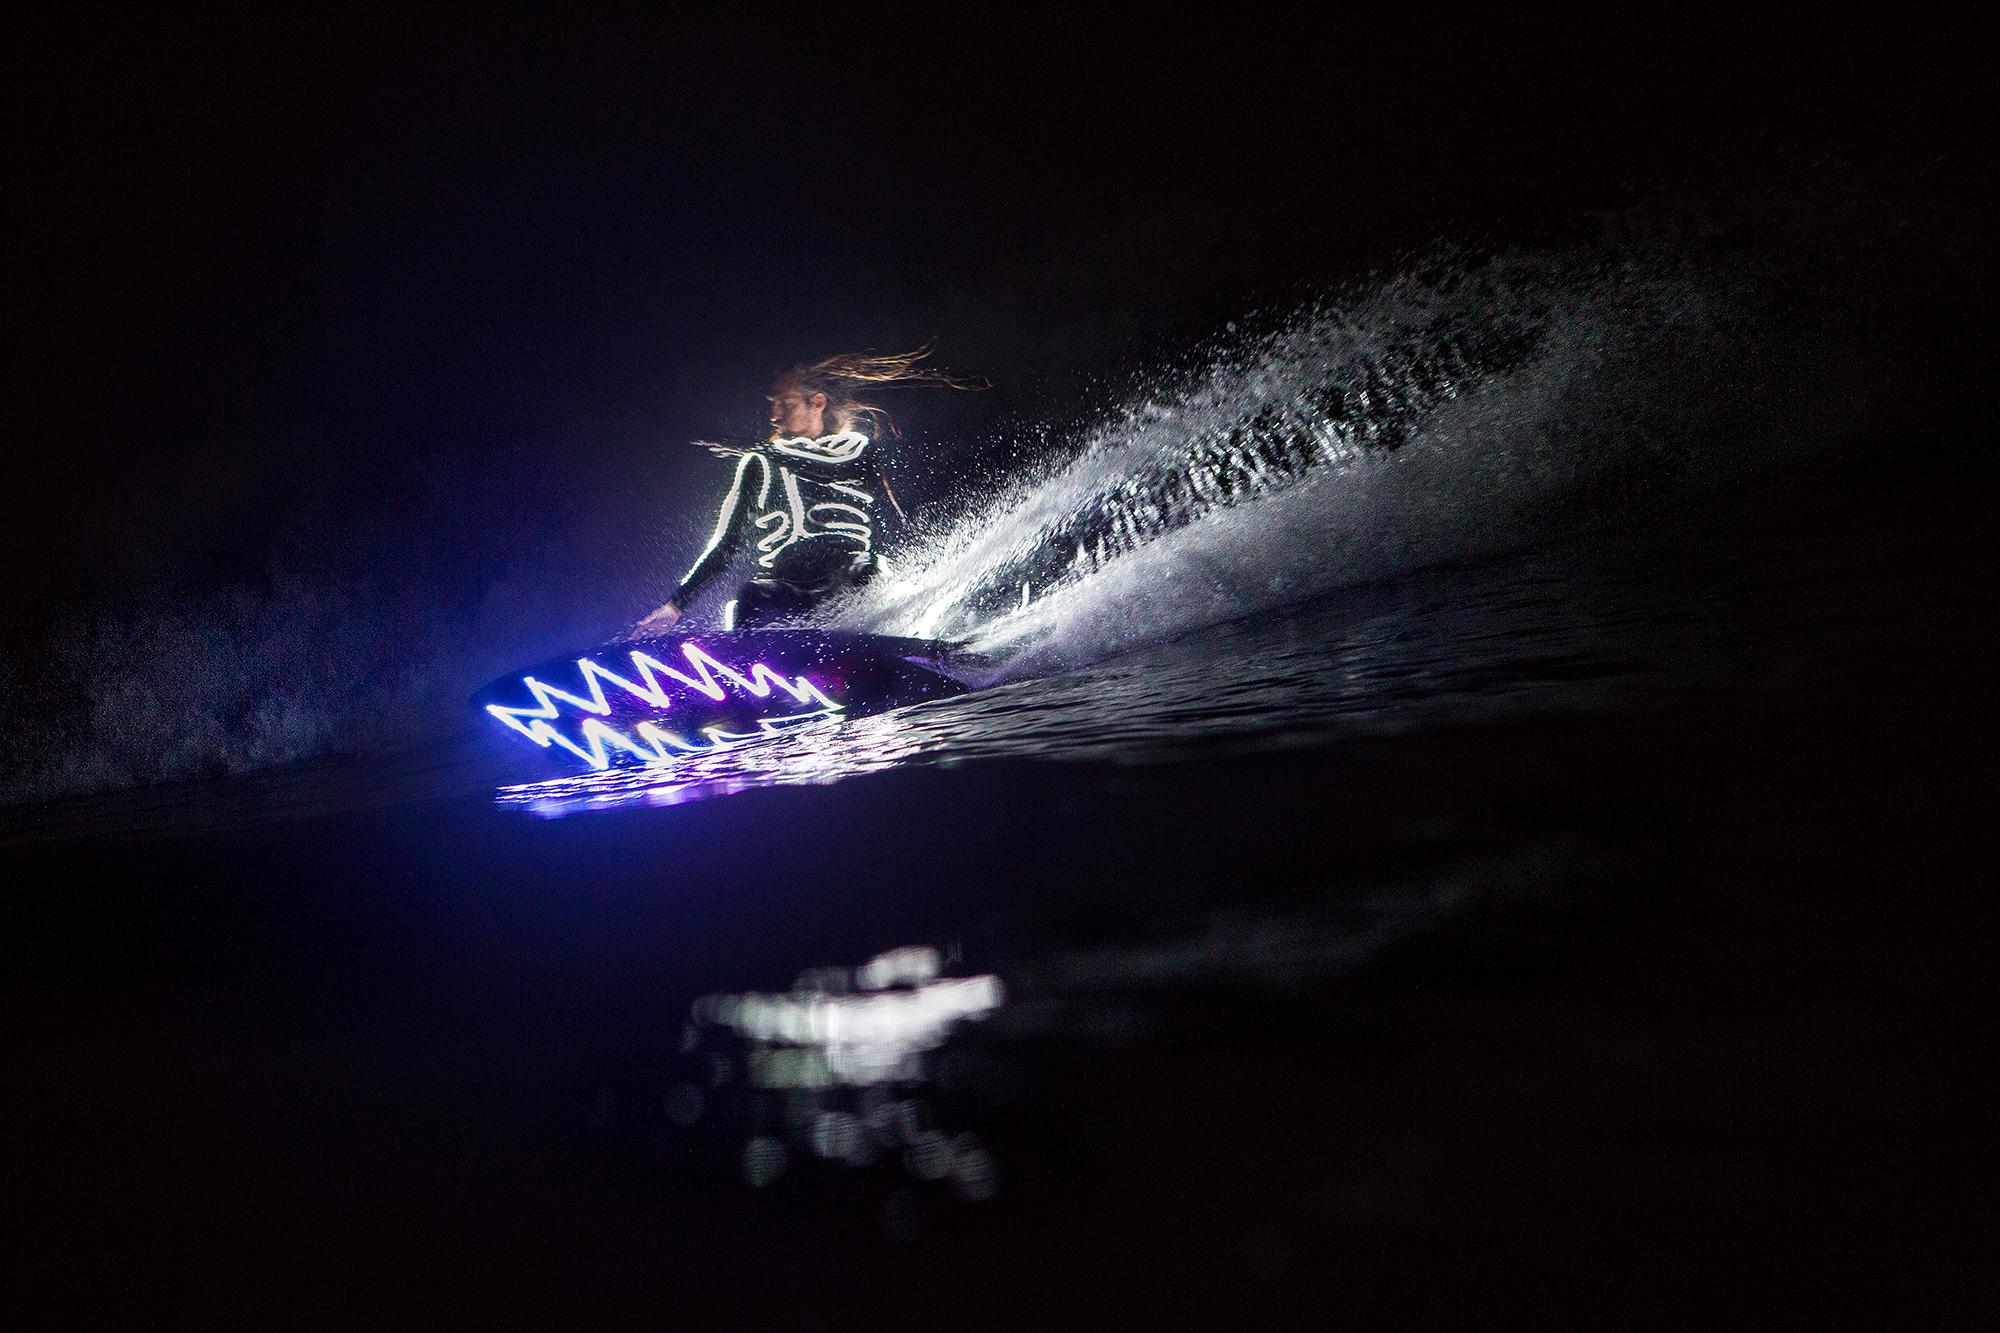 Photo of an illuminated surfboard